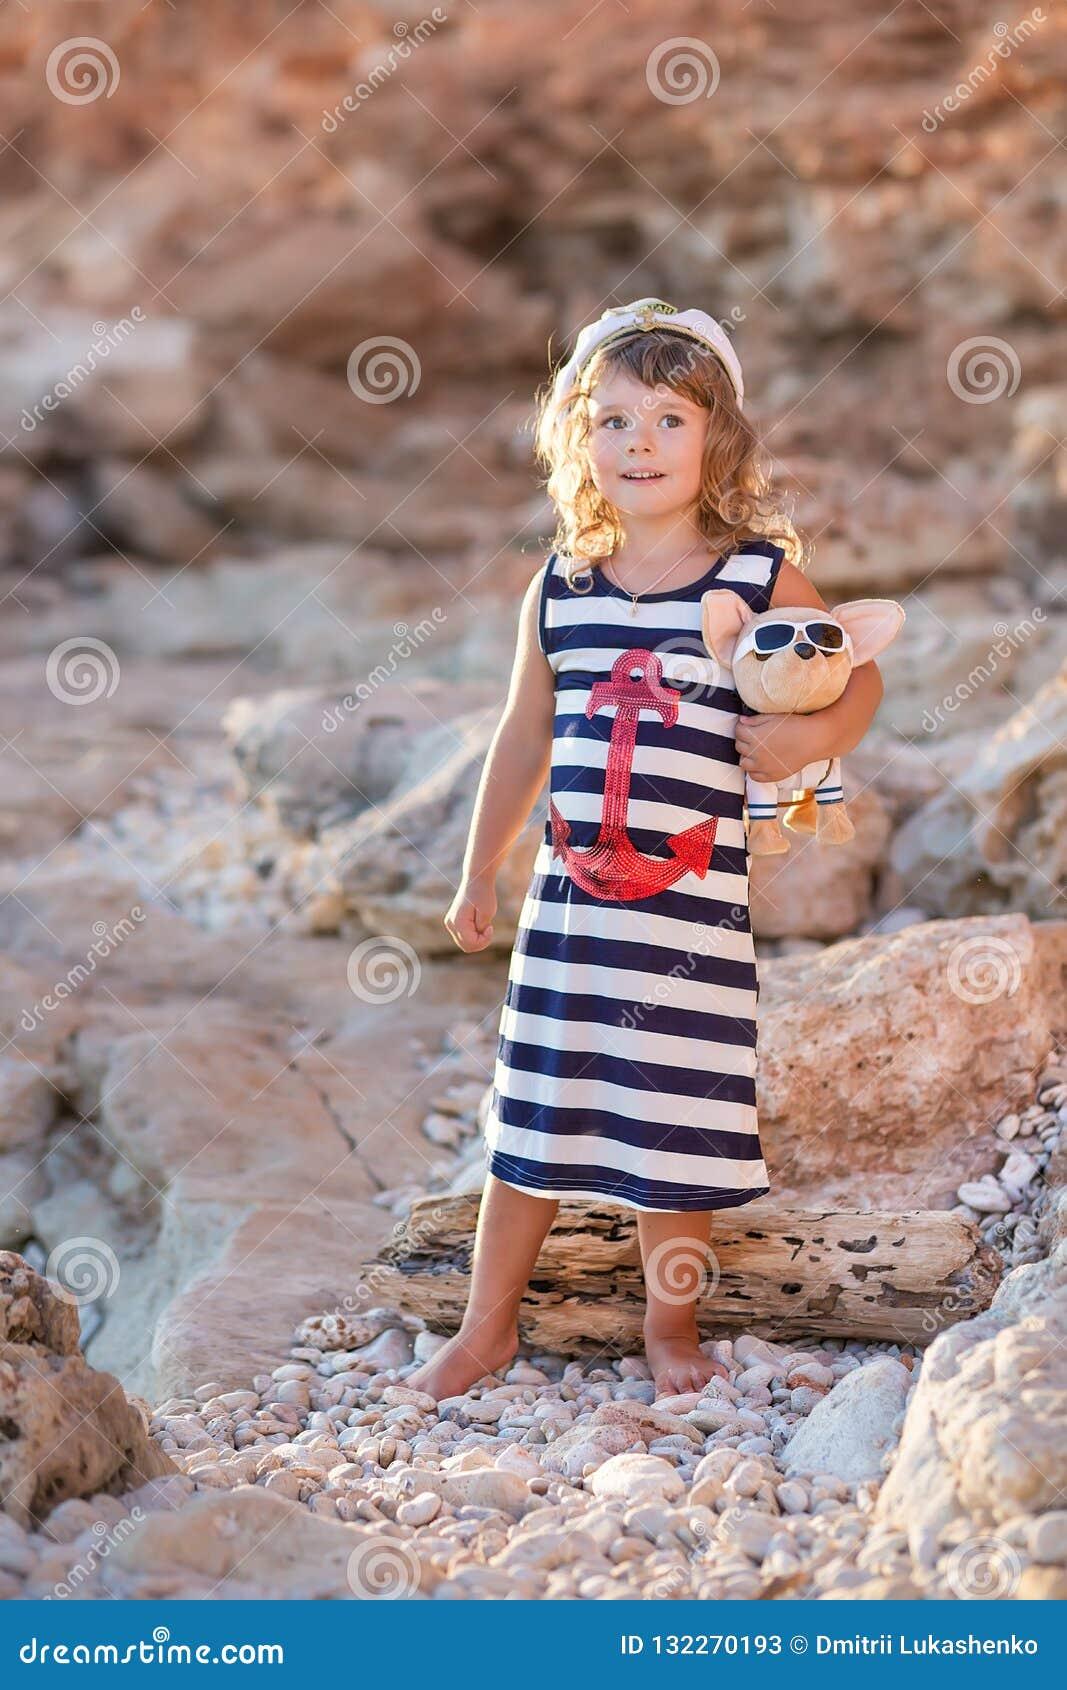 Девушка пляжа милая представляя на скалистом пляже босоногом со стеклами платья и солнца матроса вьющиеся волосы нося